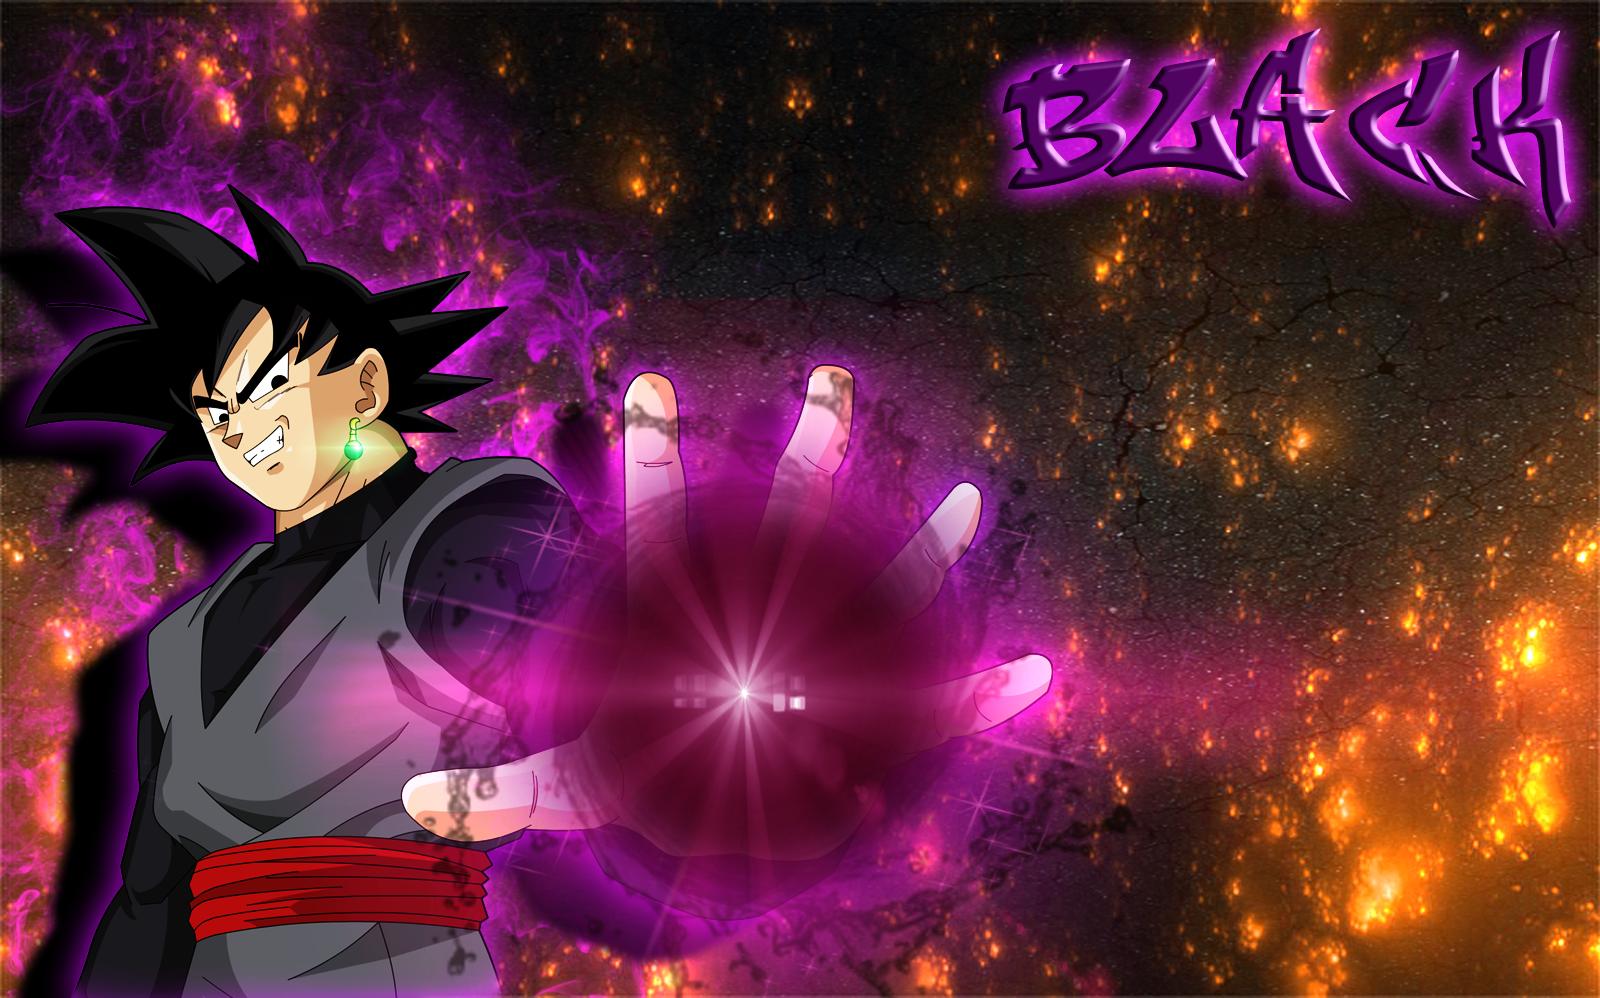 Black Goku Fondo De Pantalla And Fondo De Escritorio